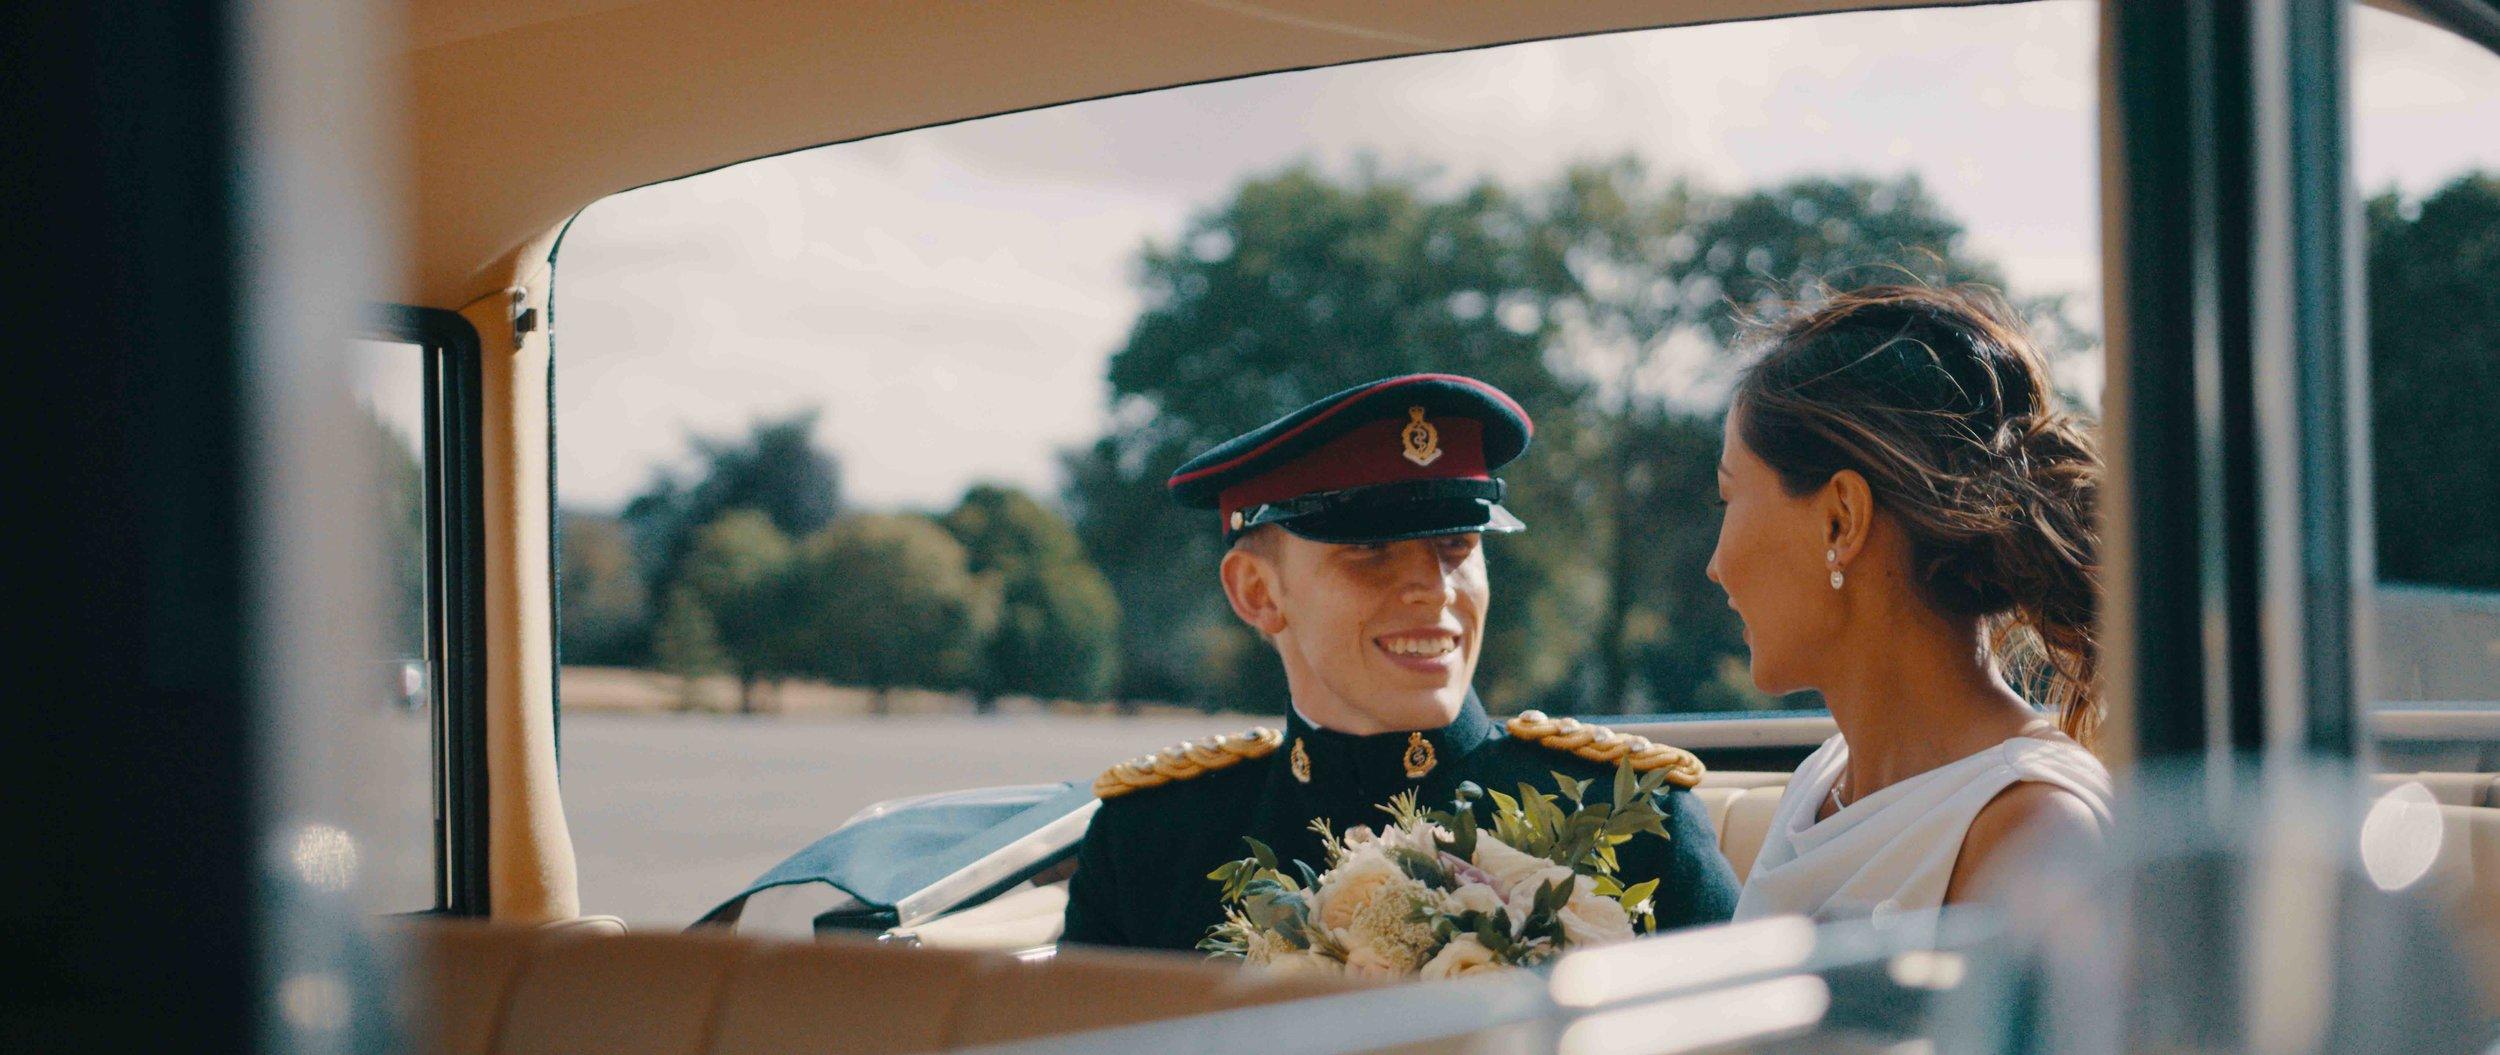 + 995€ | Vidéographe extra - Pour les grands marriages un vidéographe extra peut aider a capturé chaque moments.